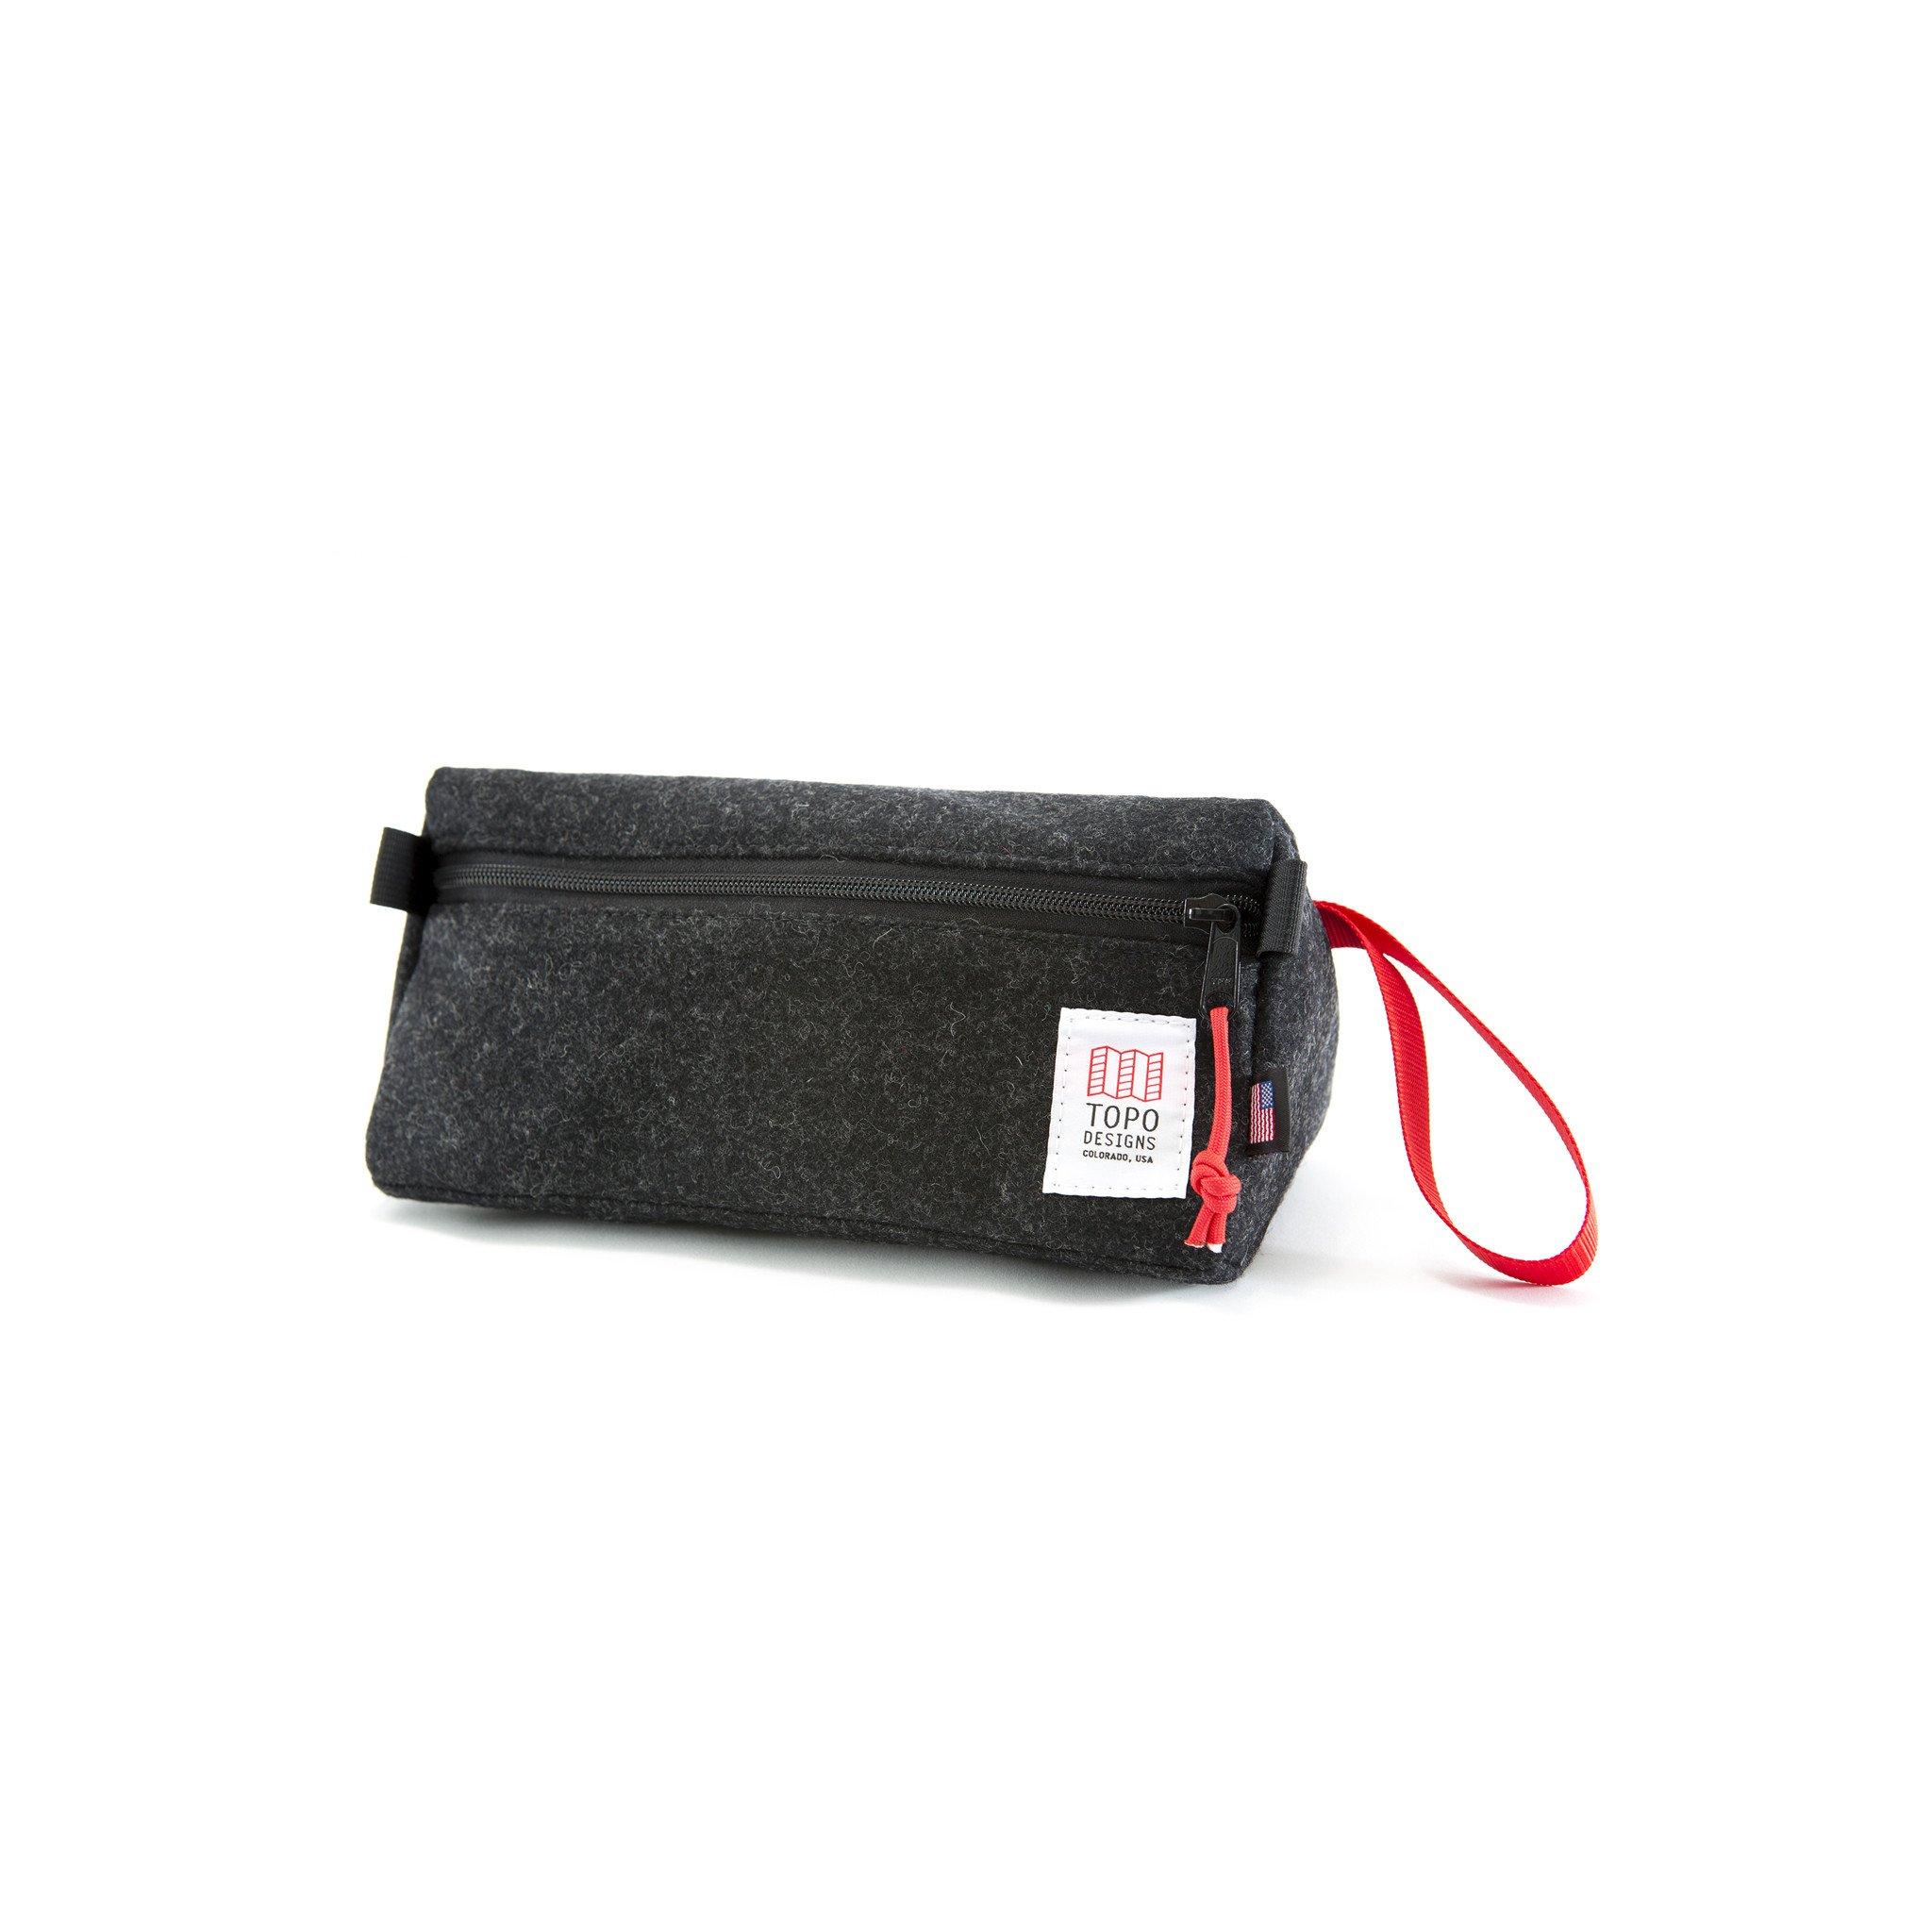 [토포디자인]TOPO DESIGNS - DOPP KIT BLACK WOOL TDDK013